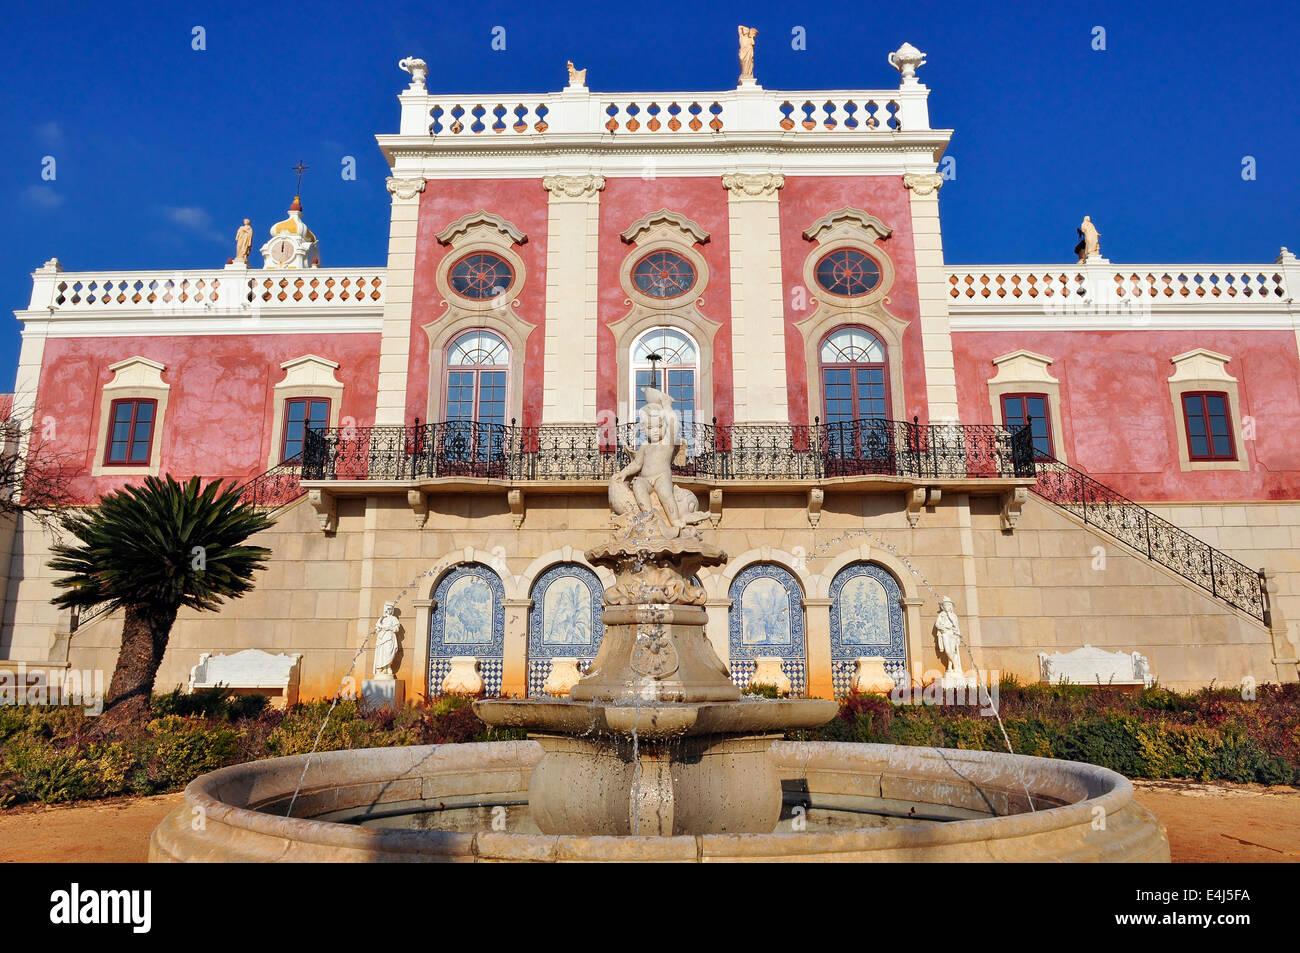 Estoi - Enero 28: Estoi Palace fue construido a finales del siglo XIX y es el mejor ejemplo de la arquitectura rococó Imagen De Stock